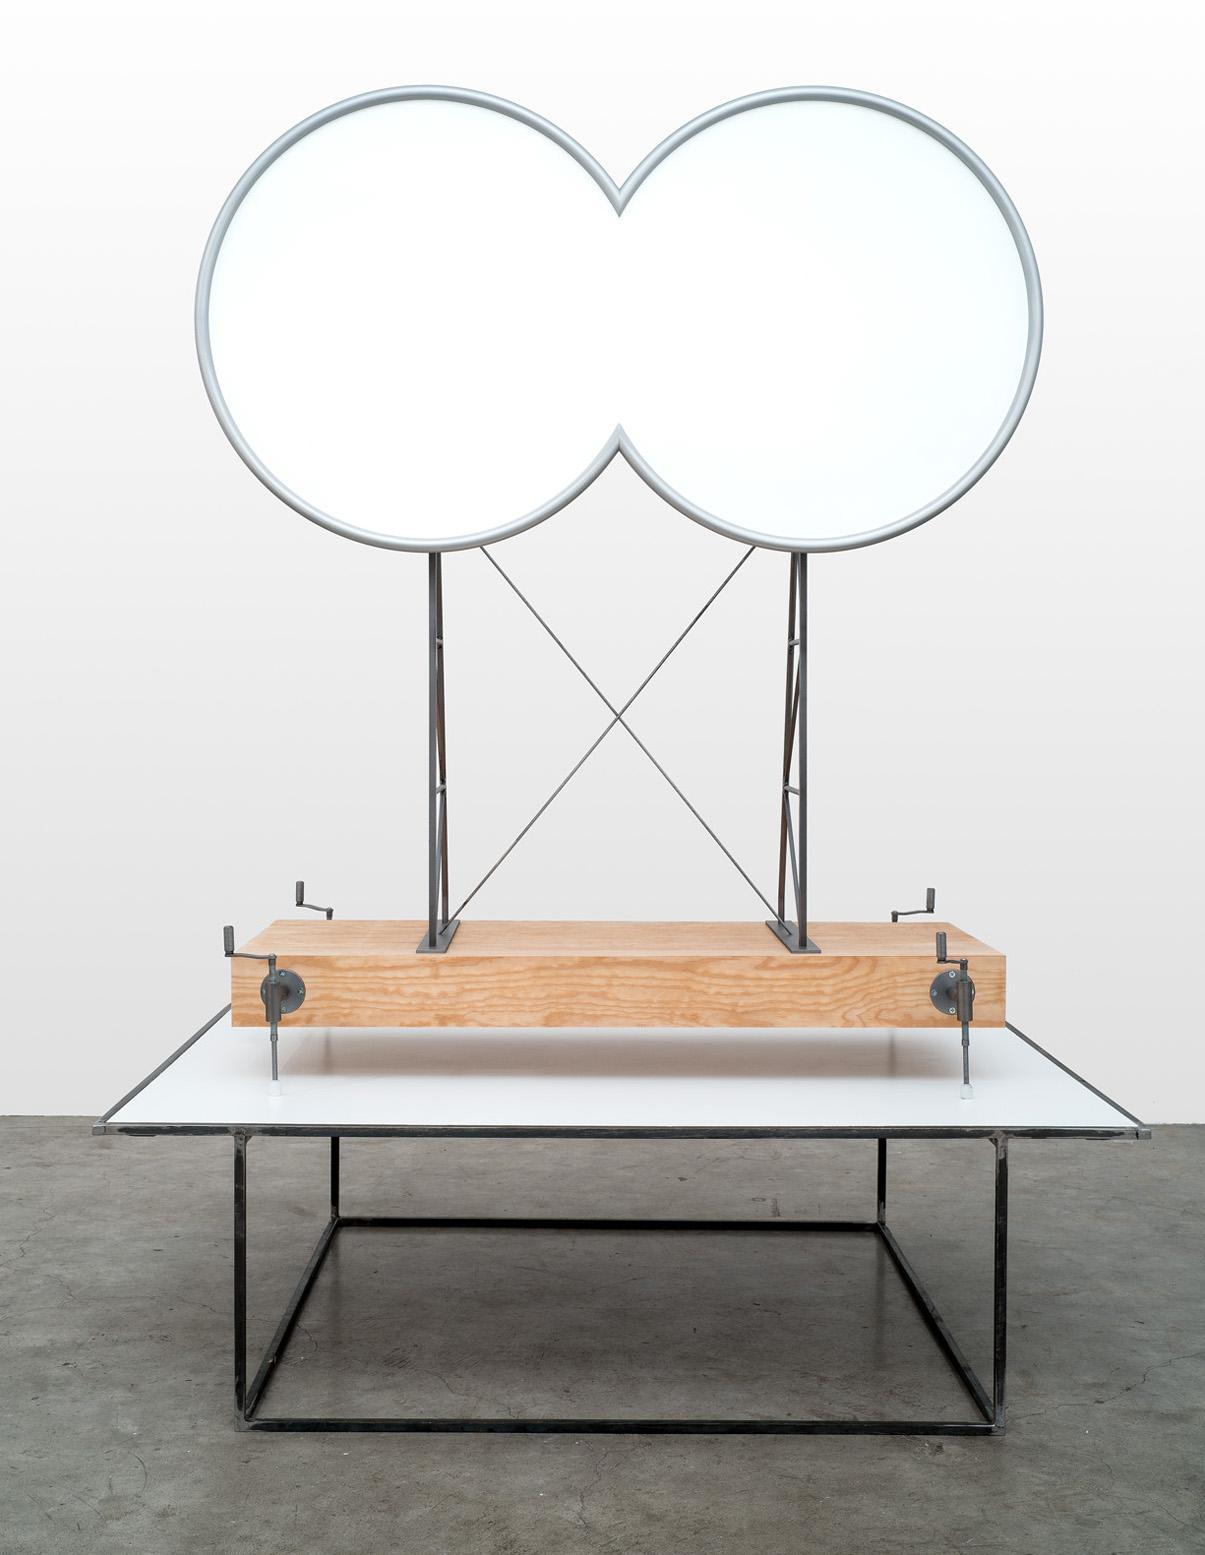 Geoff Kleem, AxioMatic, 2016